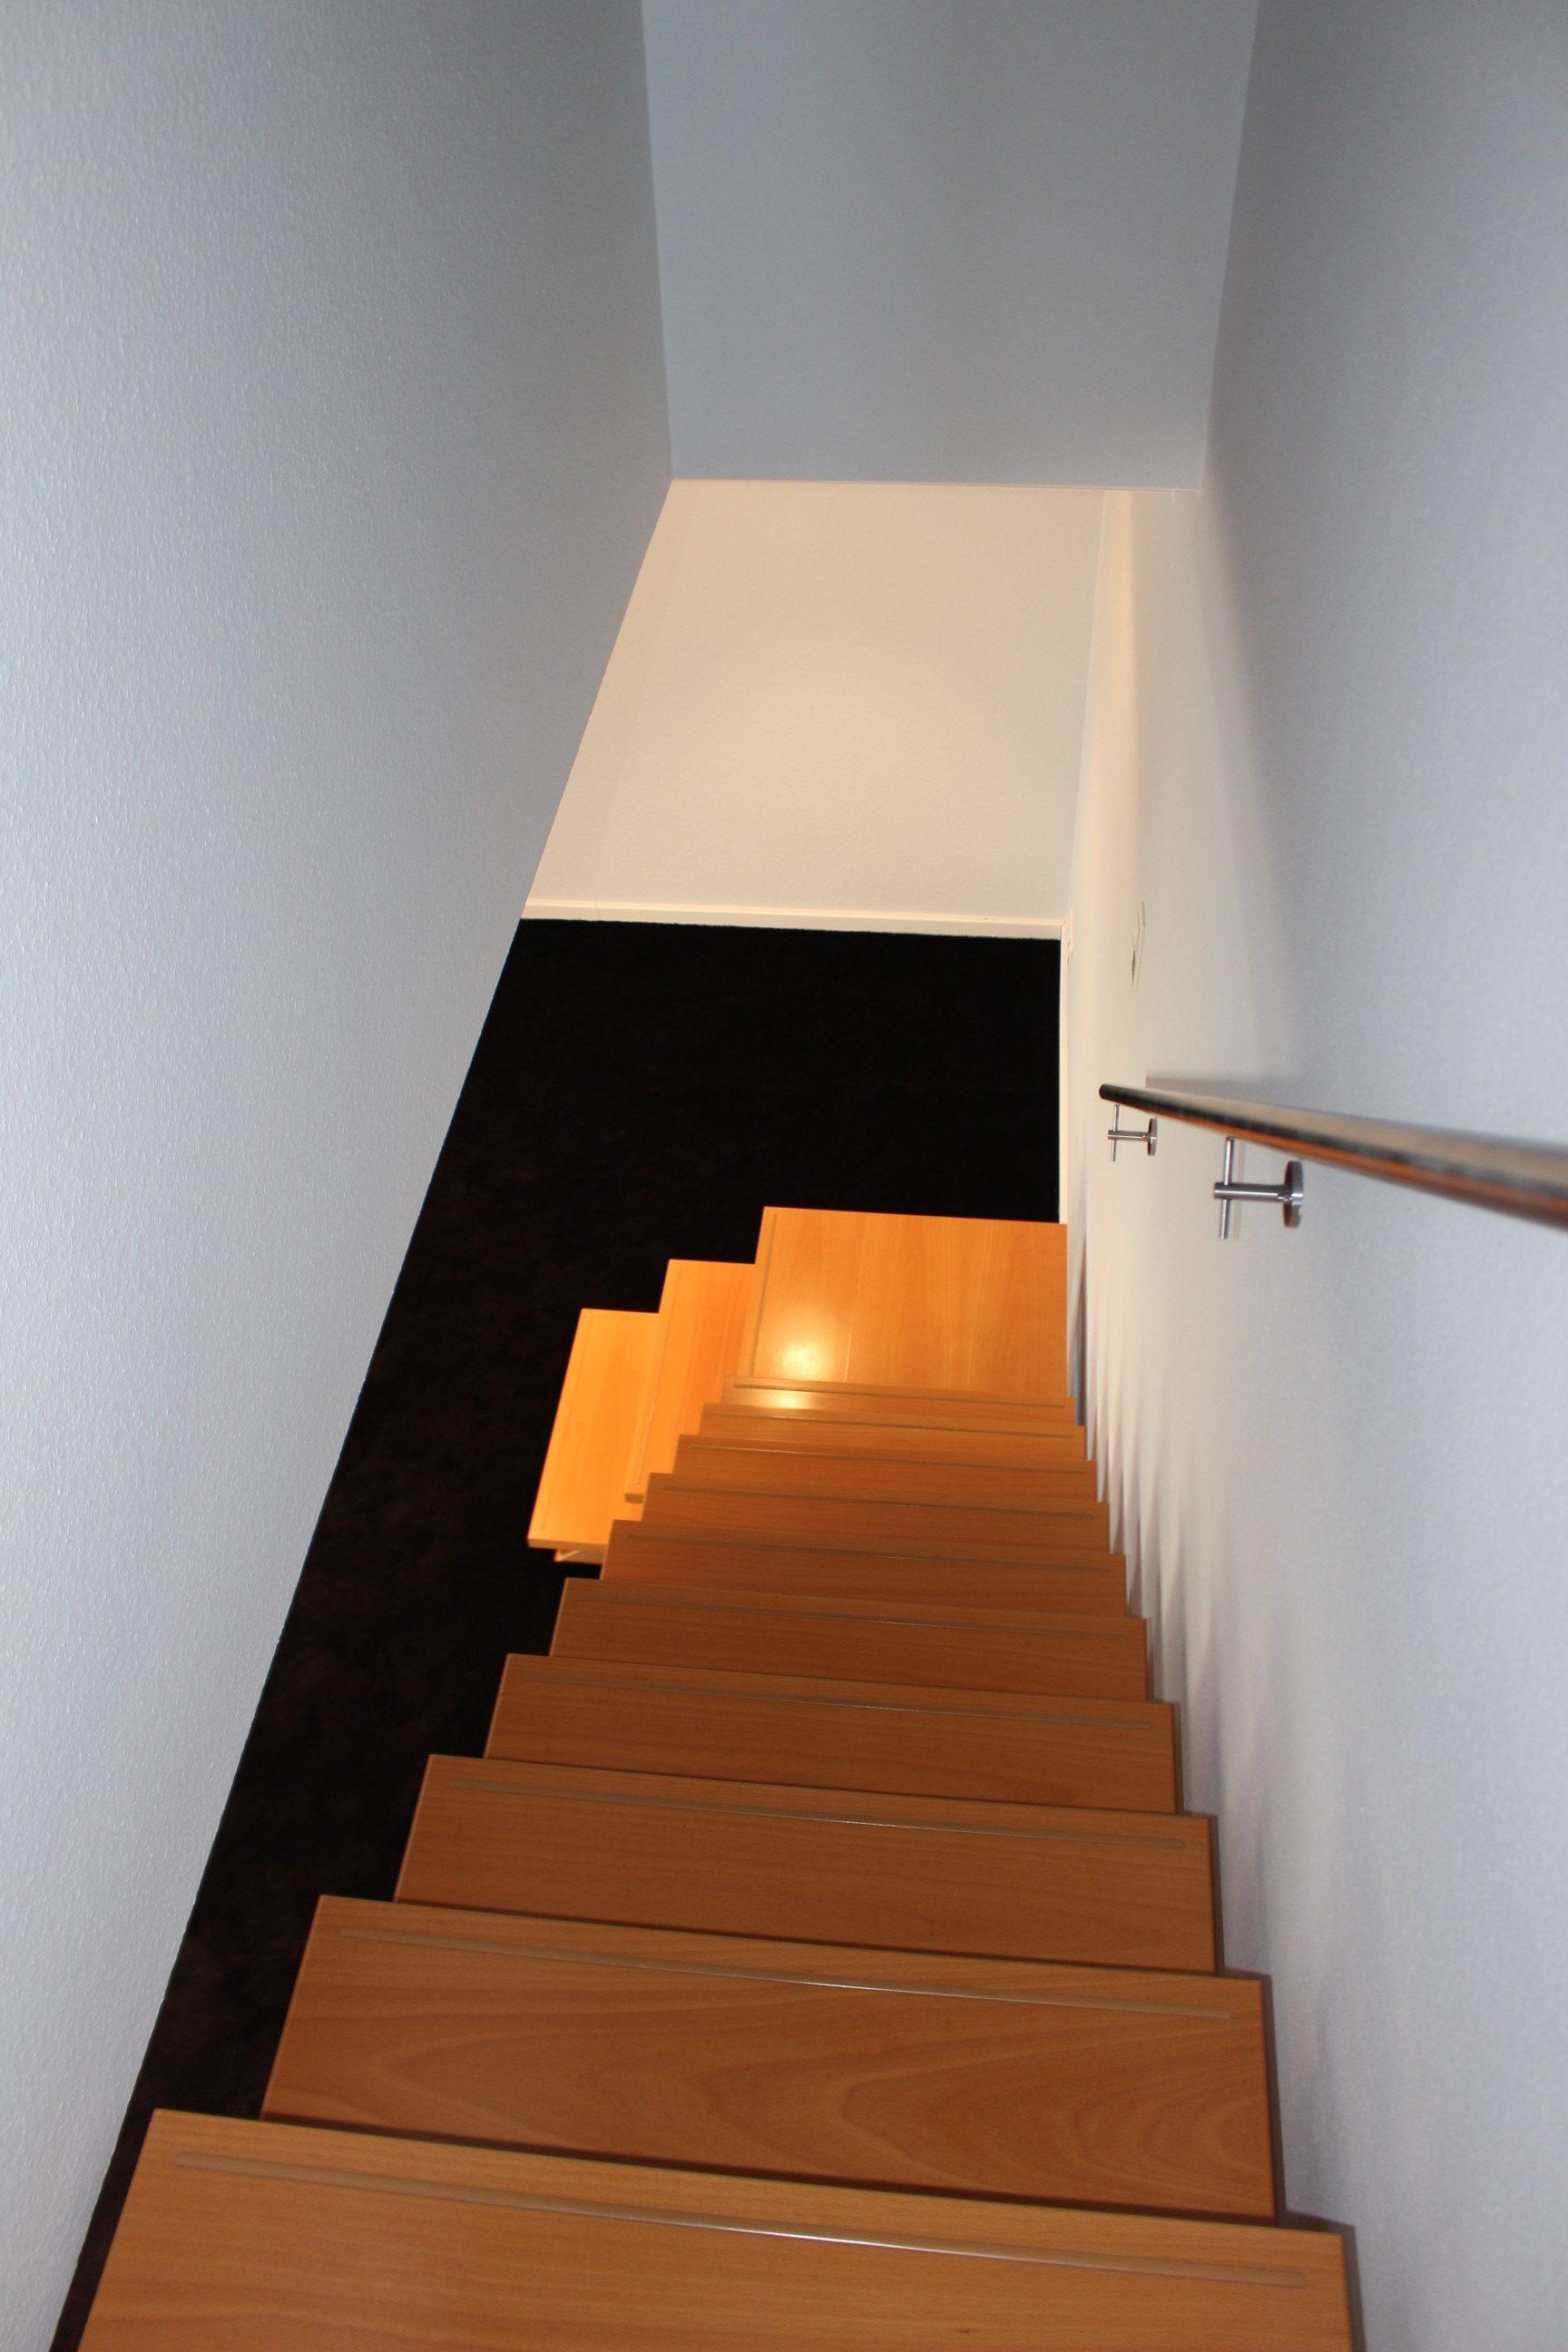 Beleuchtung Treppenaufgang saniert